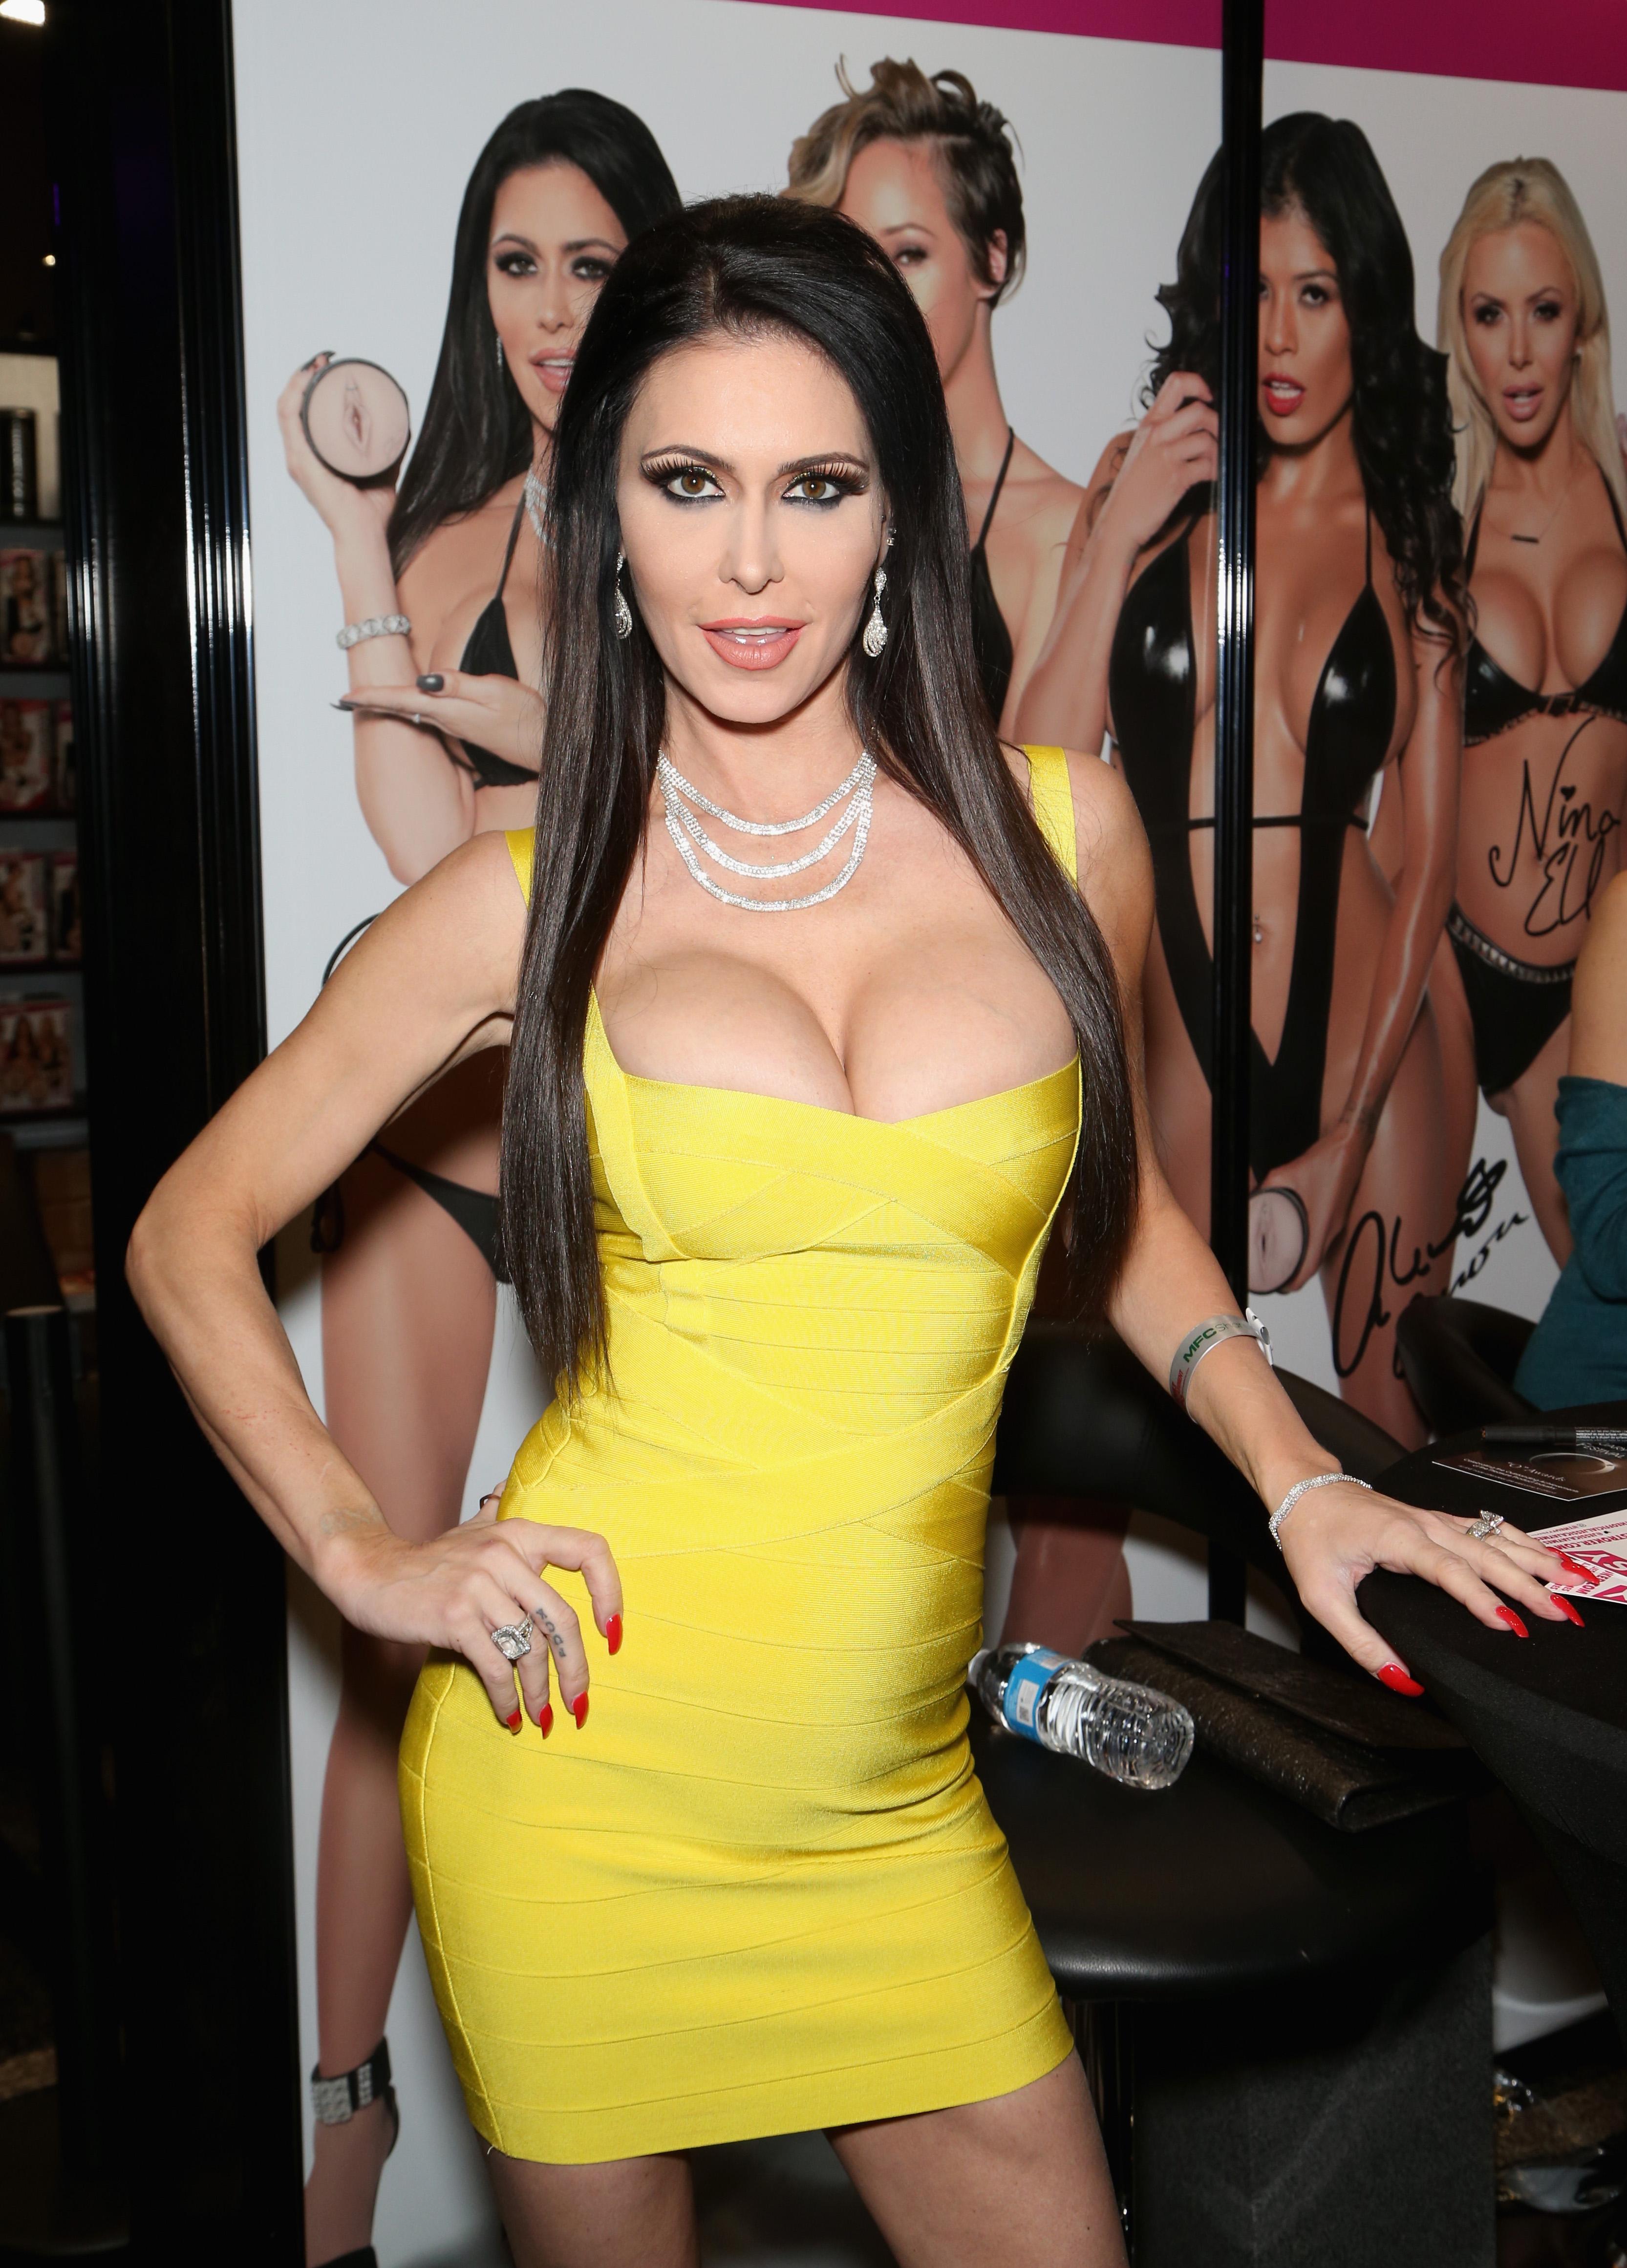 Jessica porn star life